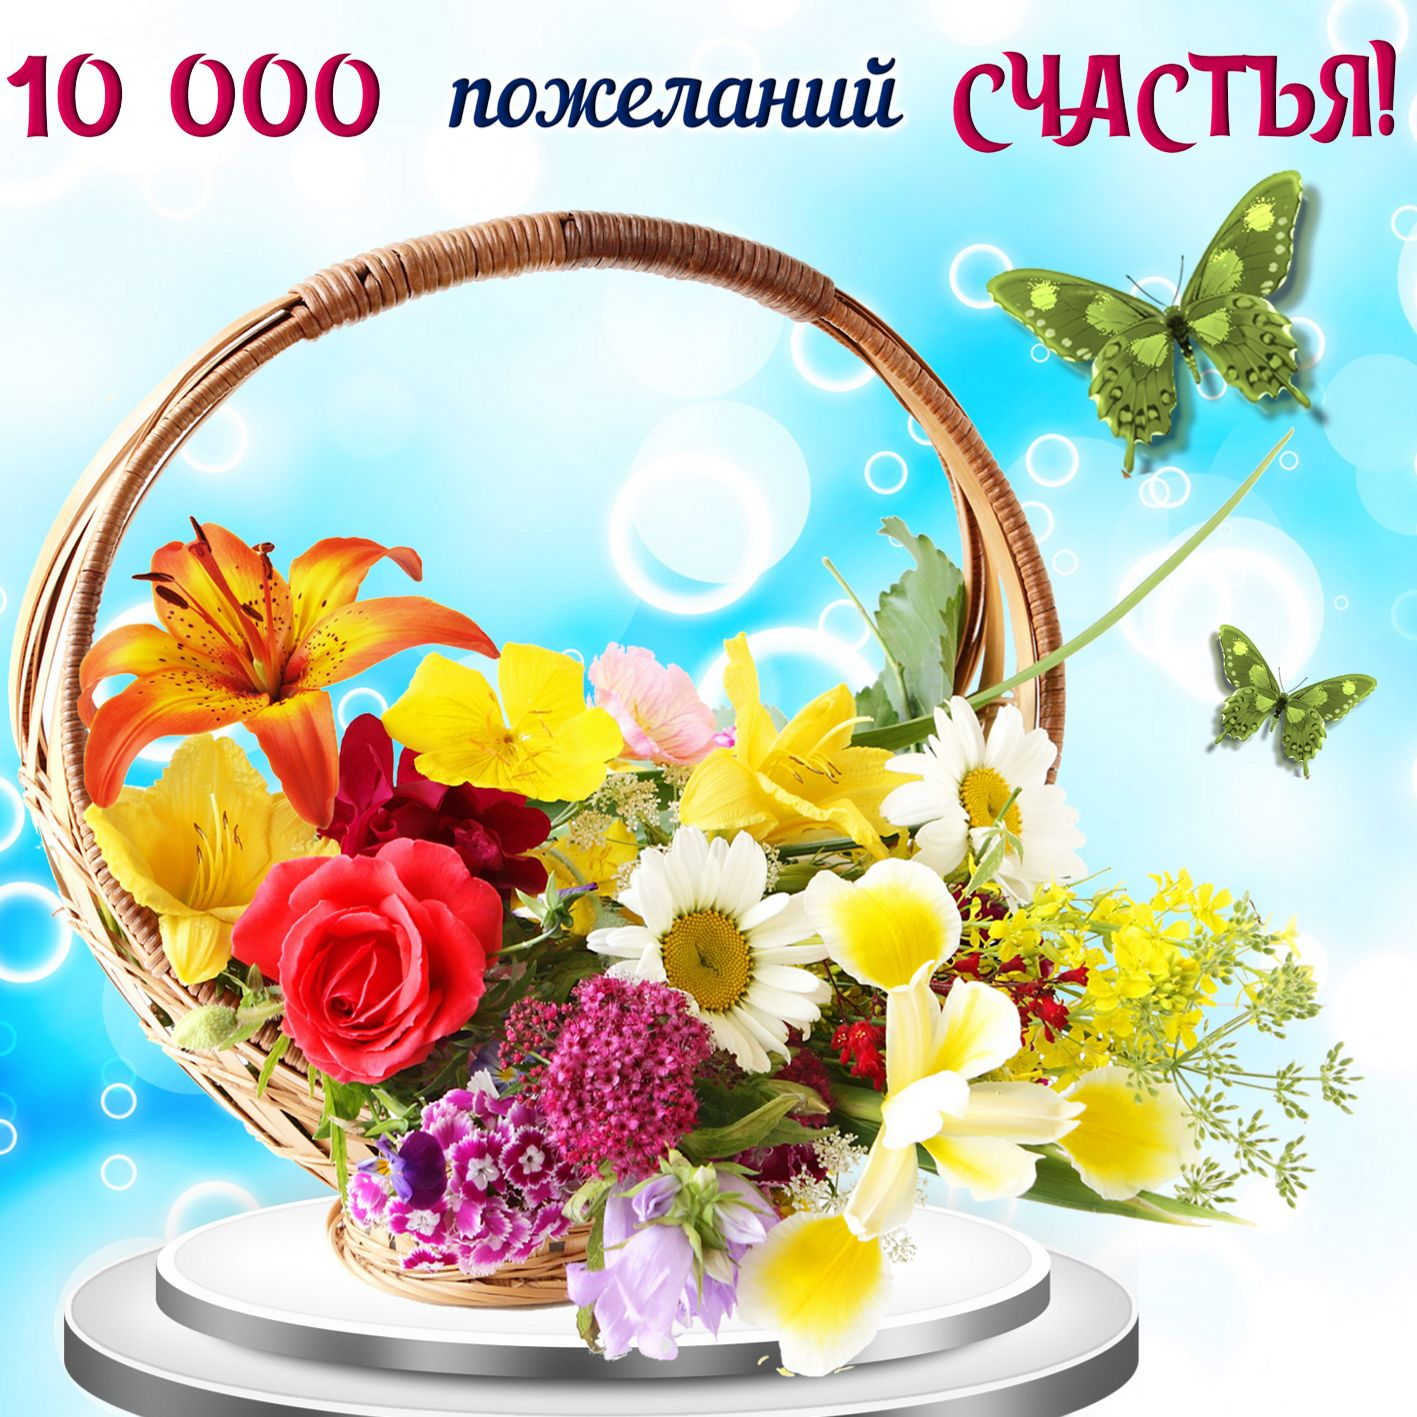 Пожелание на открытке с цветами, возвращении домой